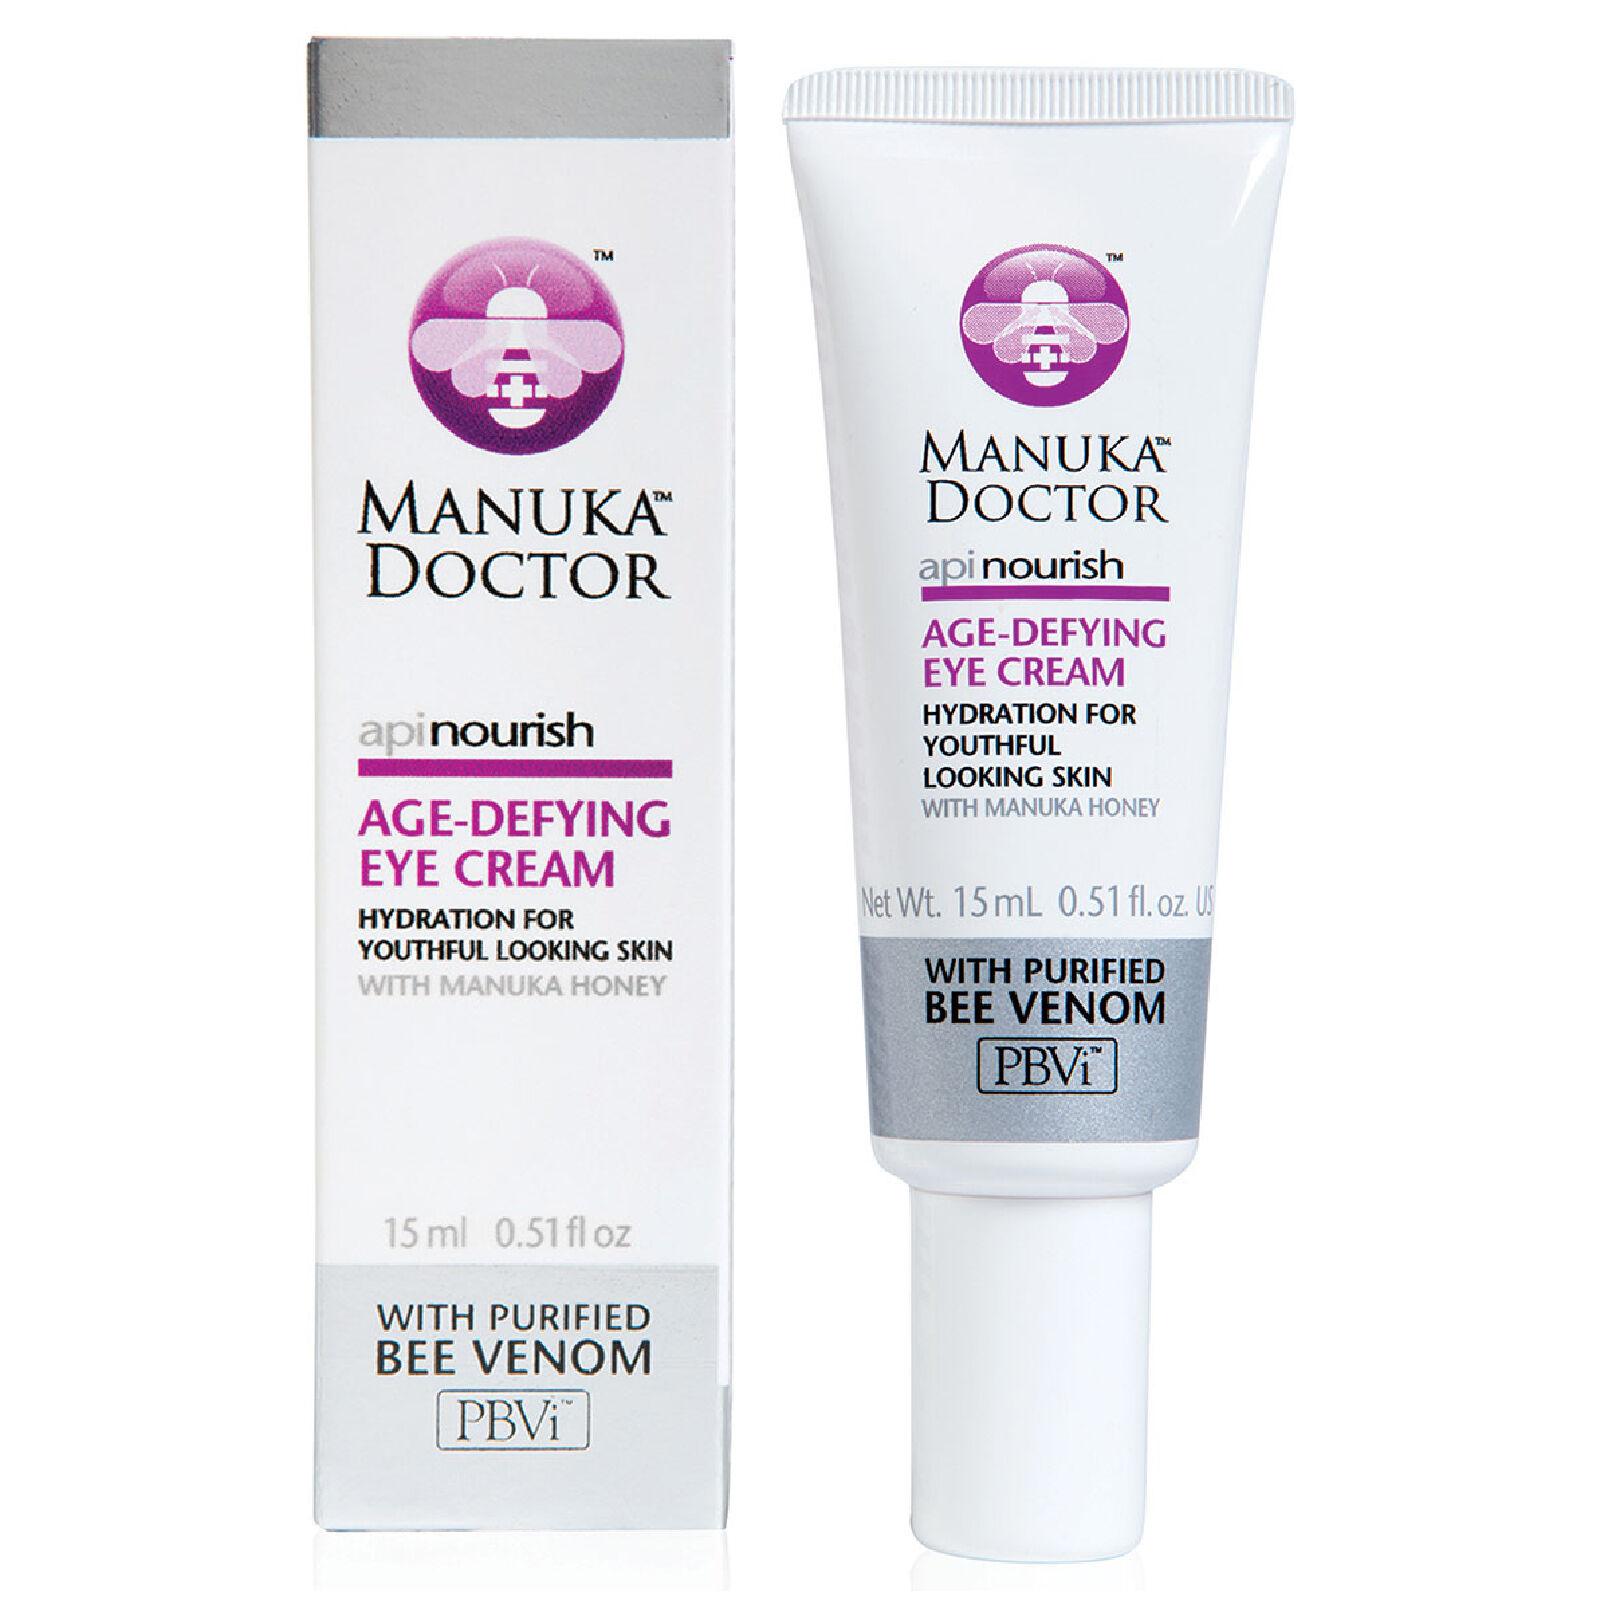 Manuka Doctor Crème Anti-âge pour les Yeux ApiNourish Manuka Doctor 15 ml